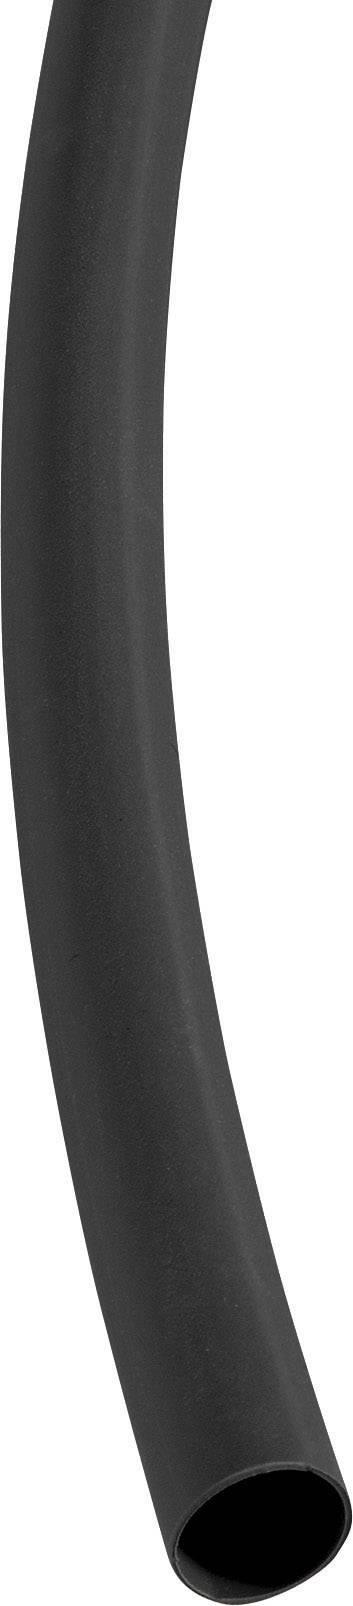 Zmršťovacie bužírky nelepiace DSG Canusa 3210060953, 3:1, 6.40 mm, čierna, metrový tovar